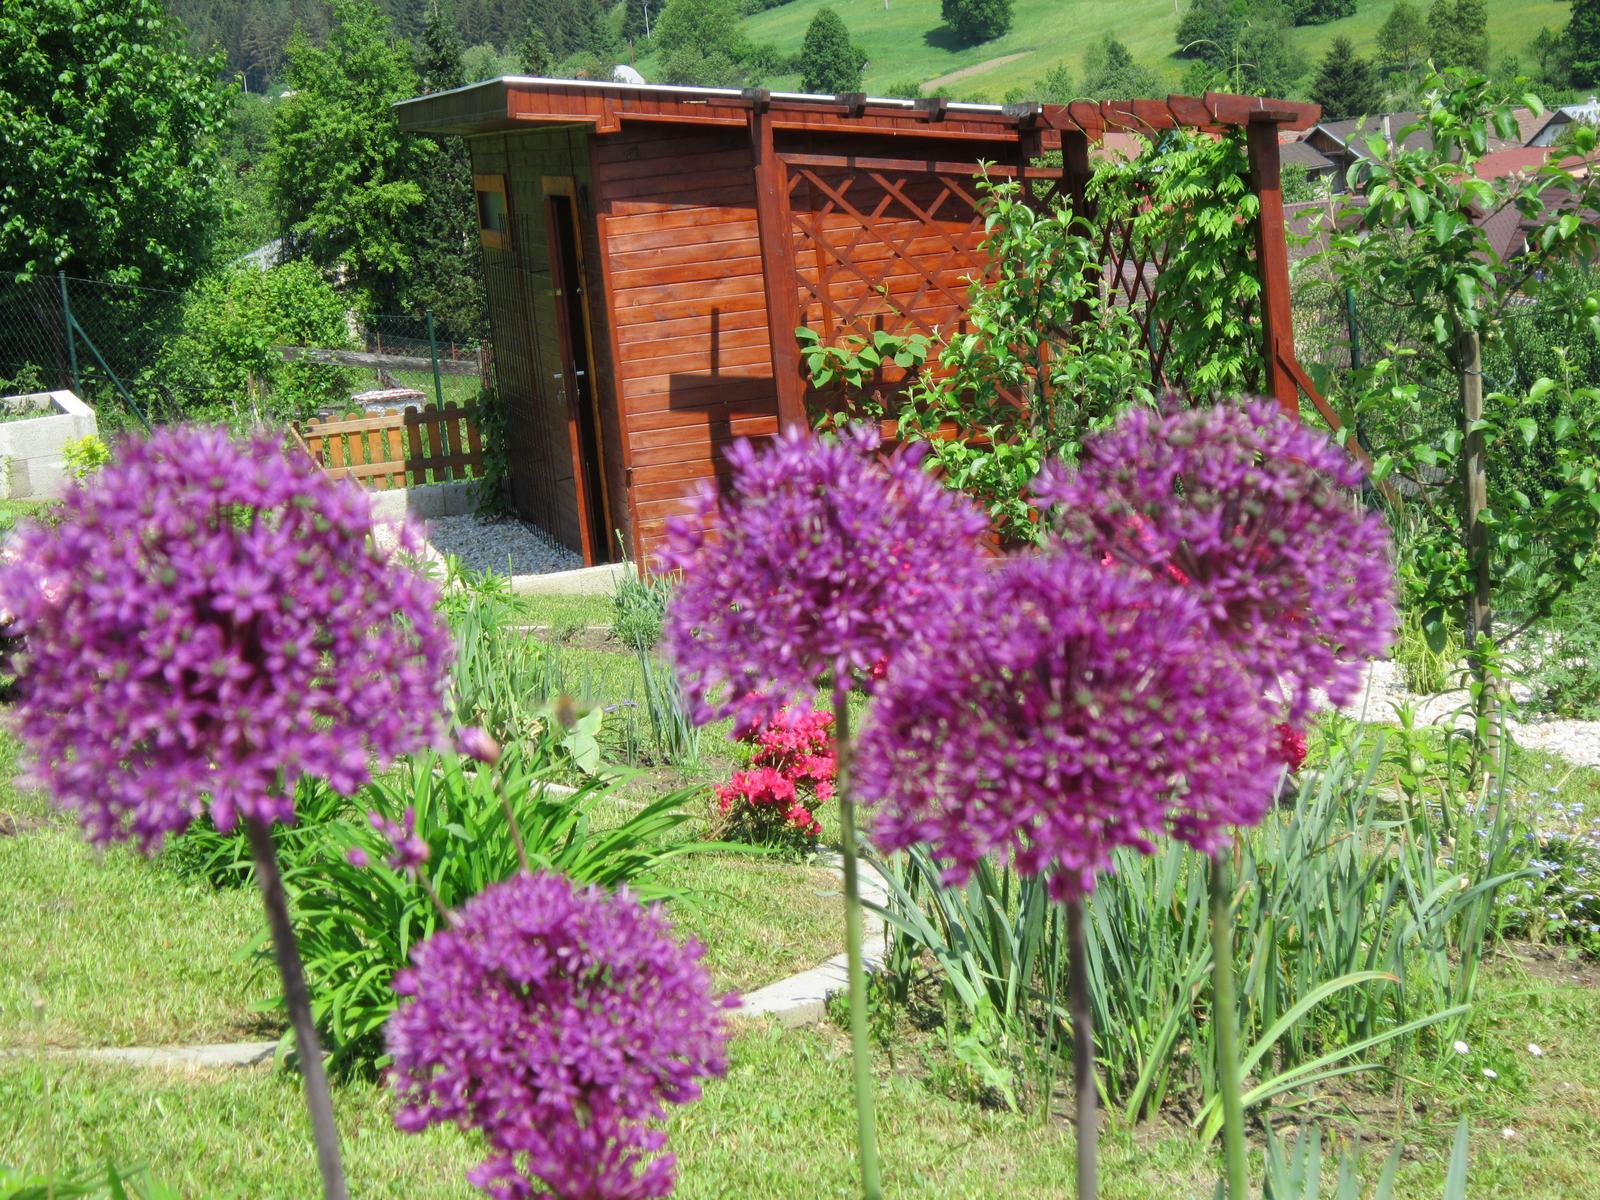 Moja záhrada...ako šiel čas - Obrázok č. 59